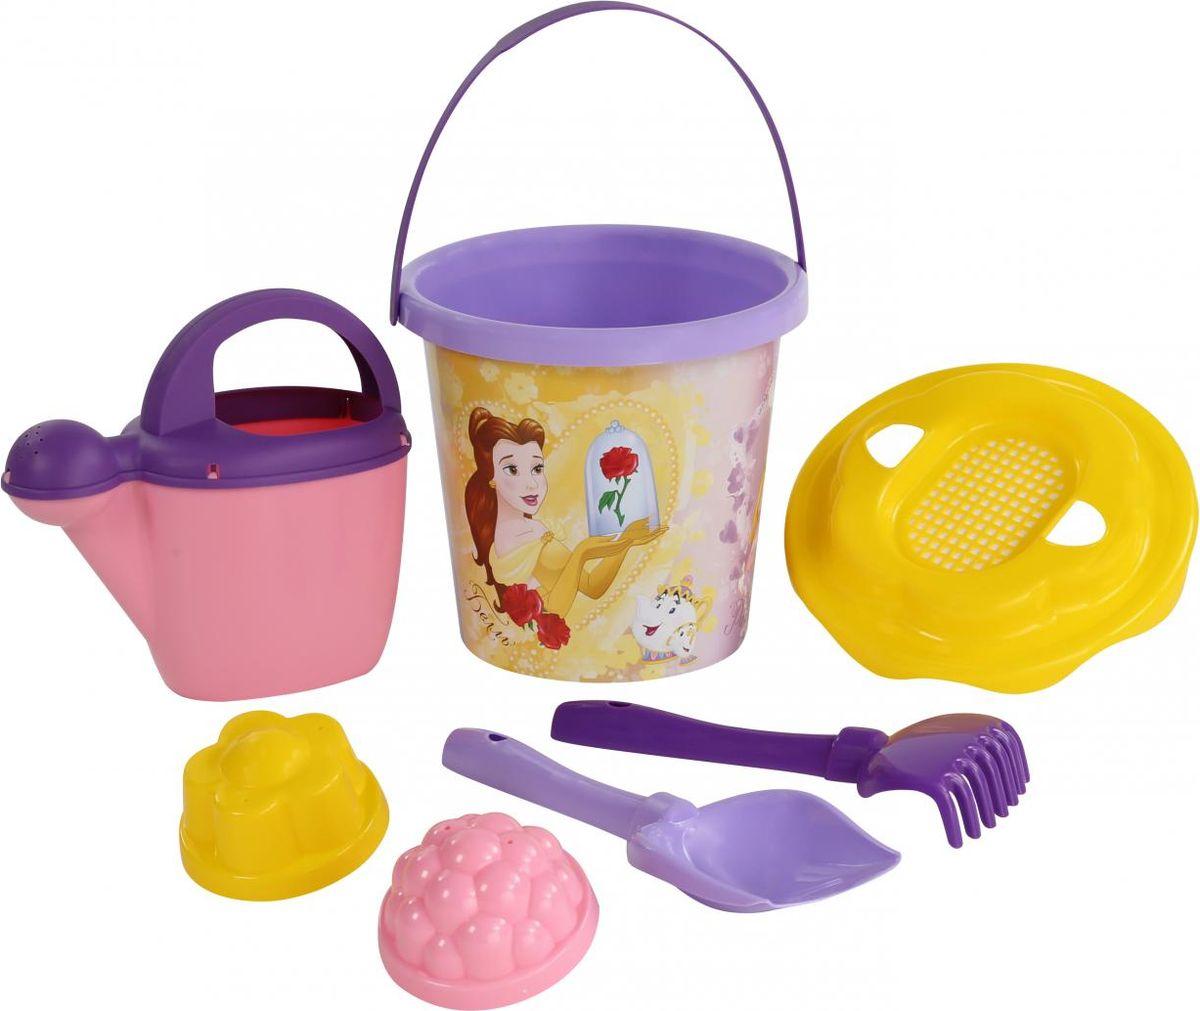 Disney Набор игрушек для песочницы Принцесса №12 7 предметов disney набор игрушек для песочницы принцесса 13 5 предметов